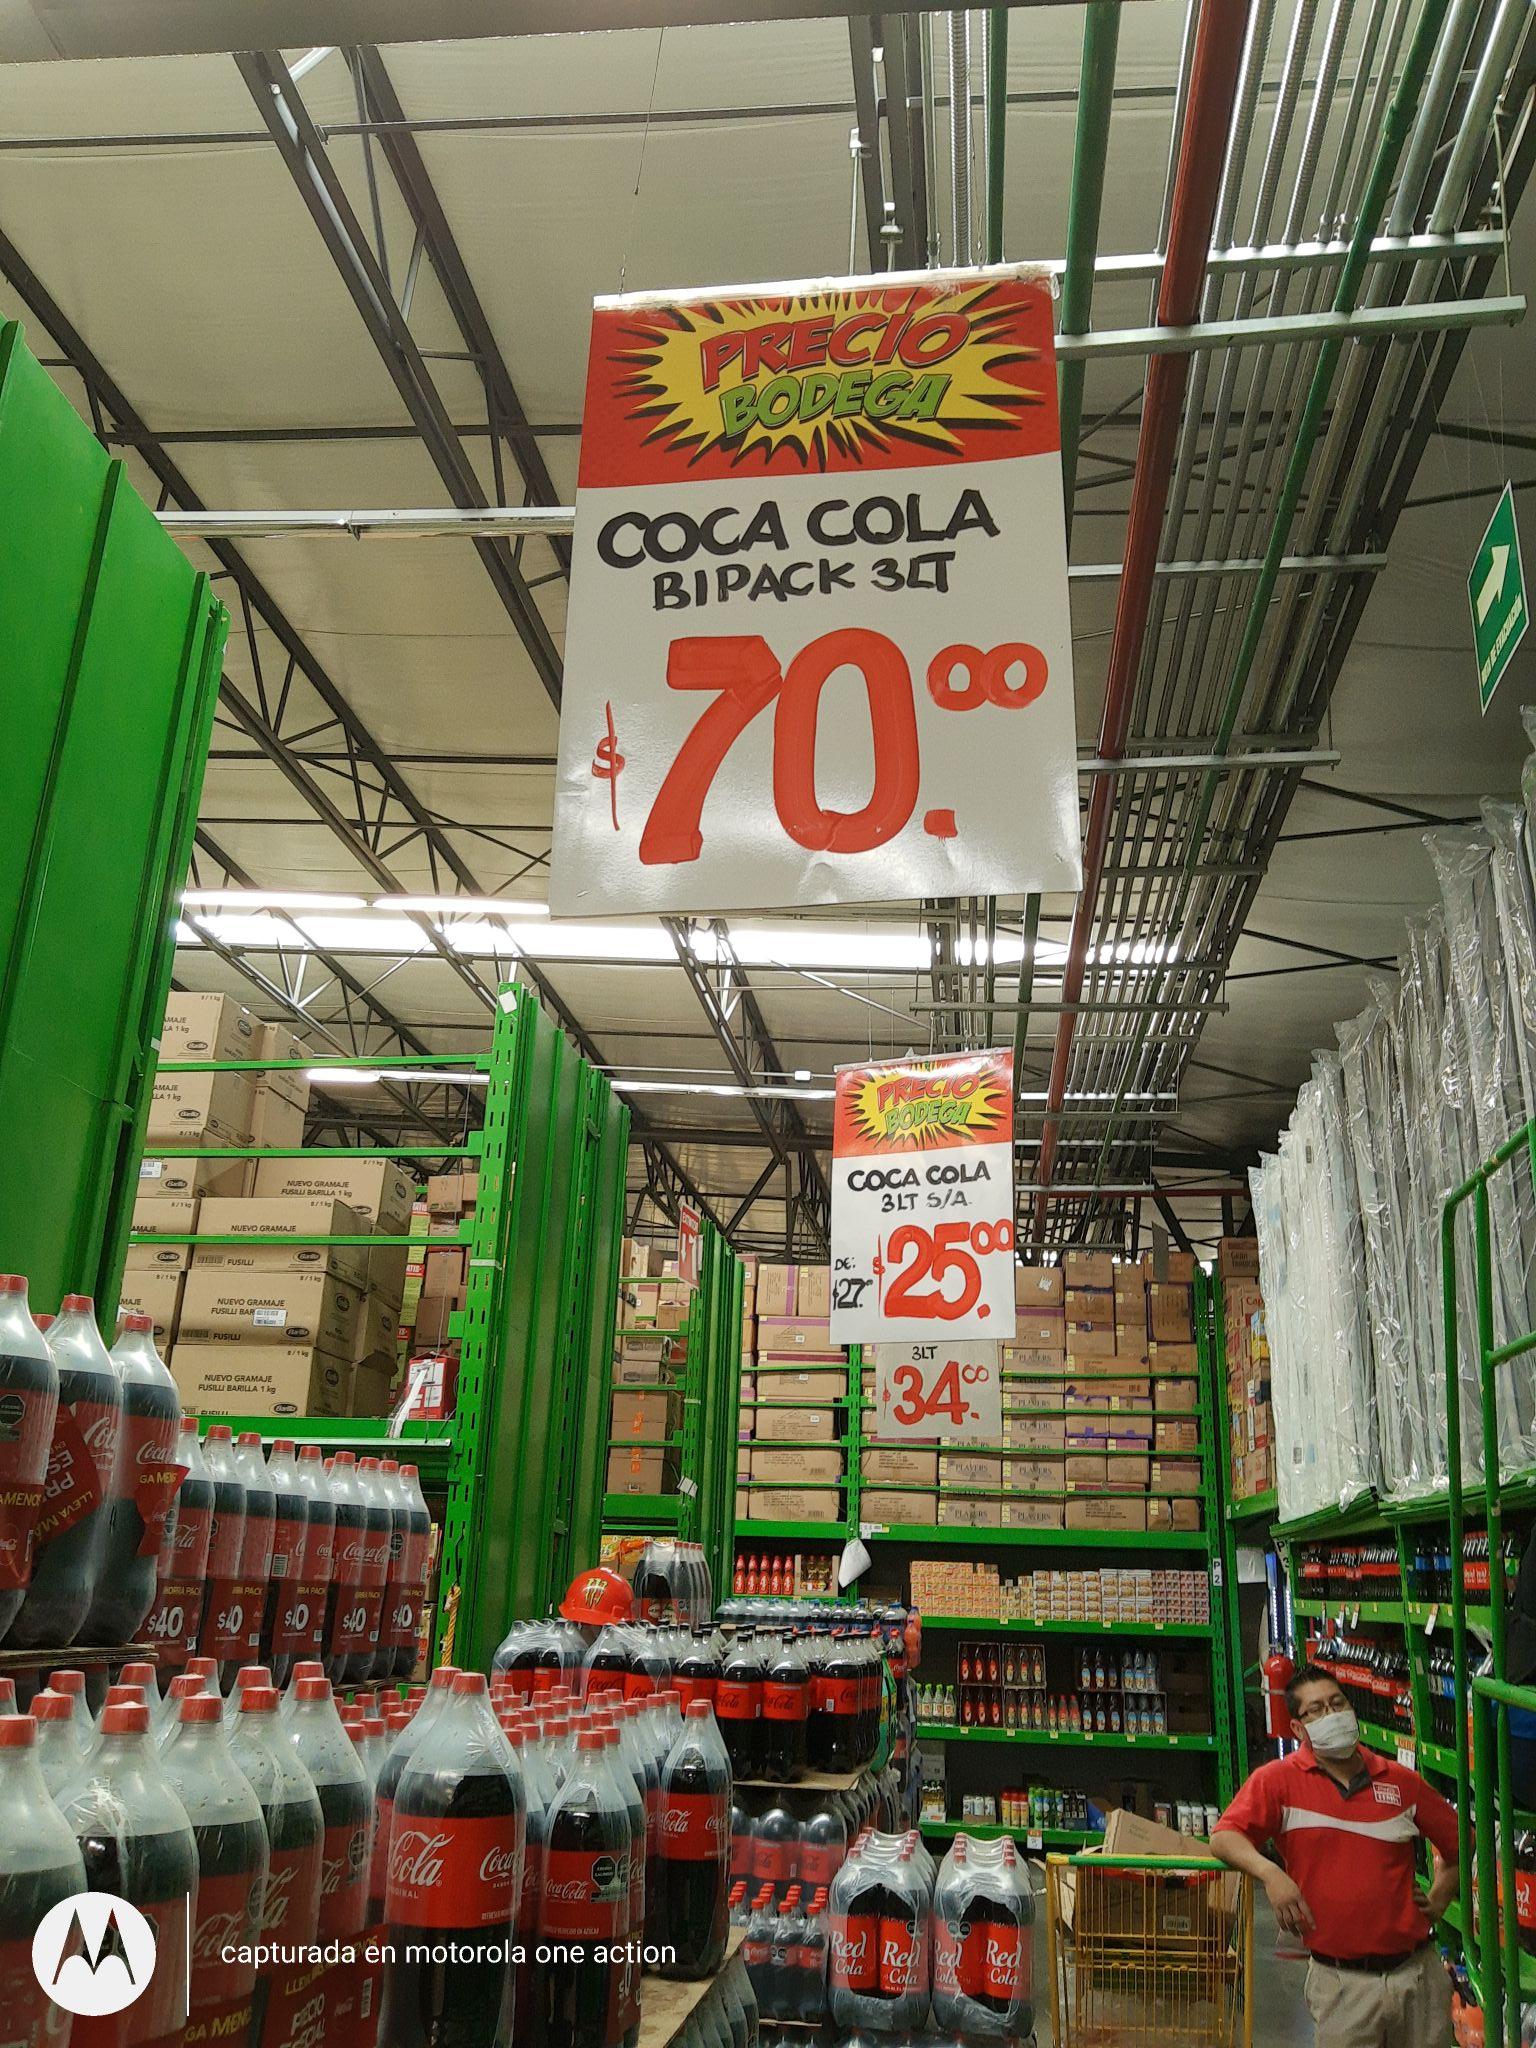 Bodega Aurrera 2pack coca cola 3 lts $70